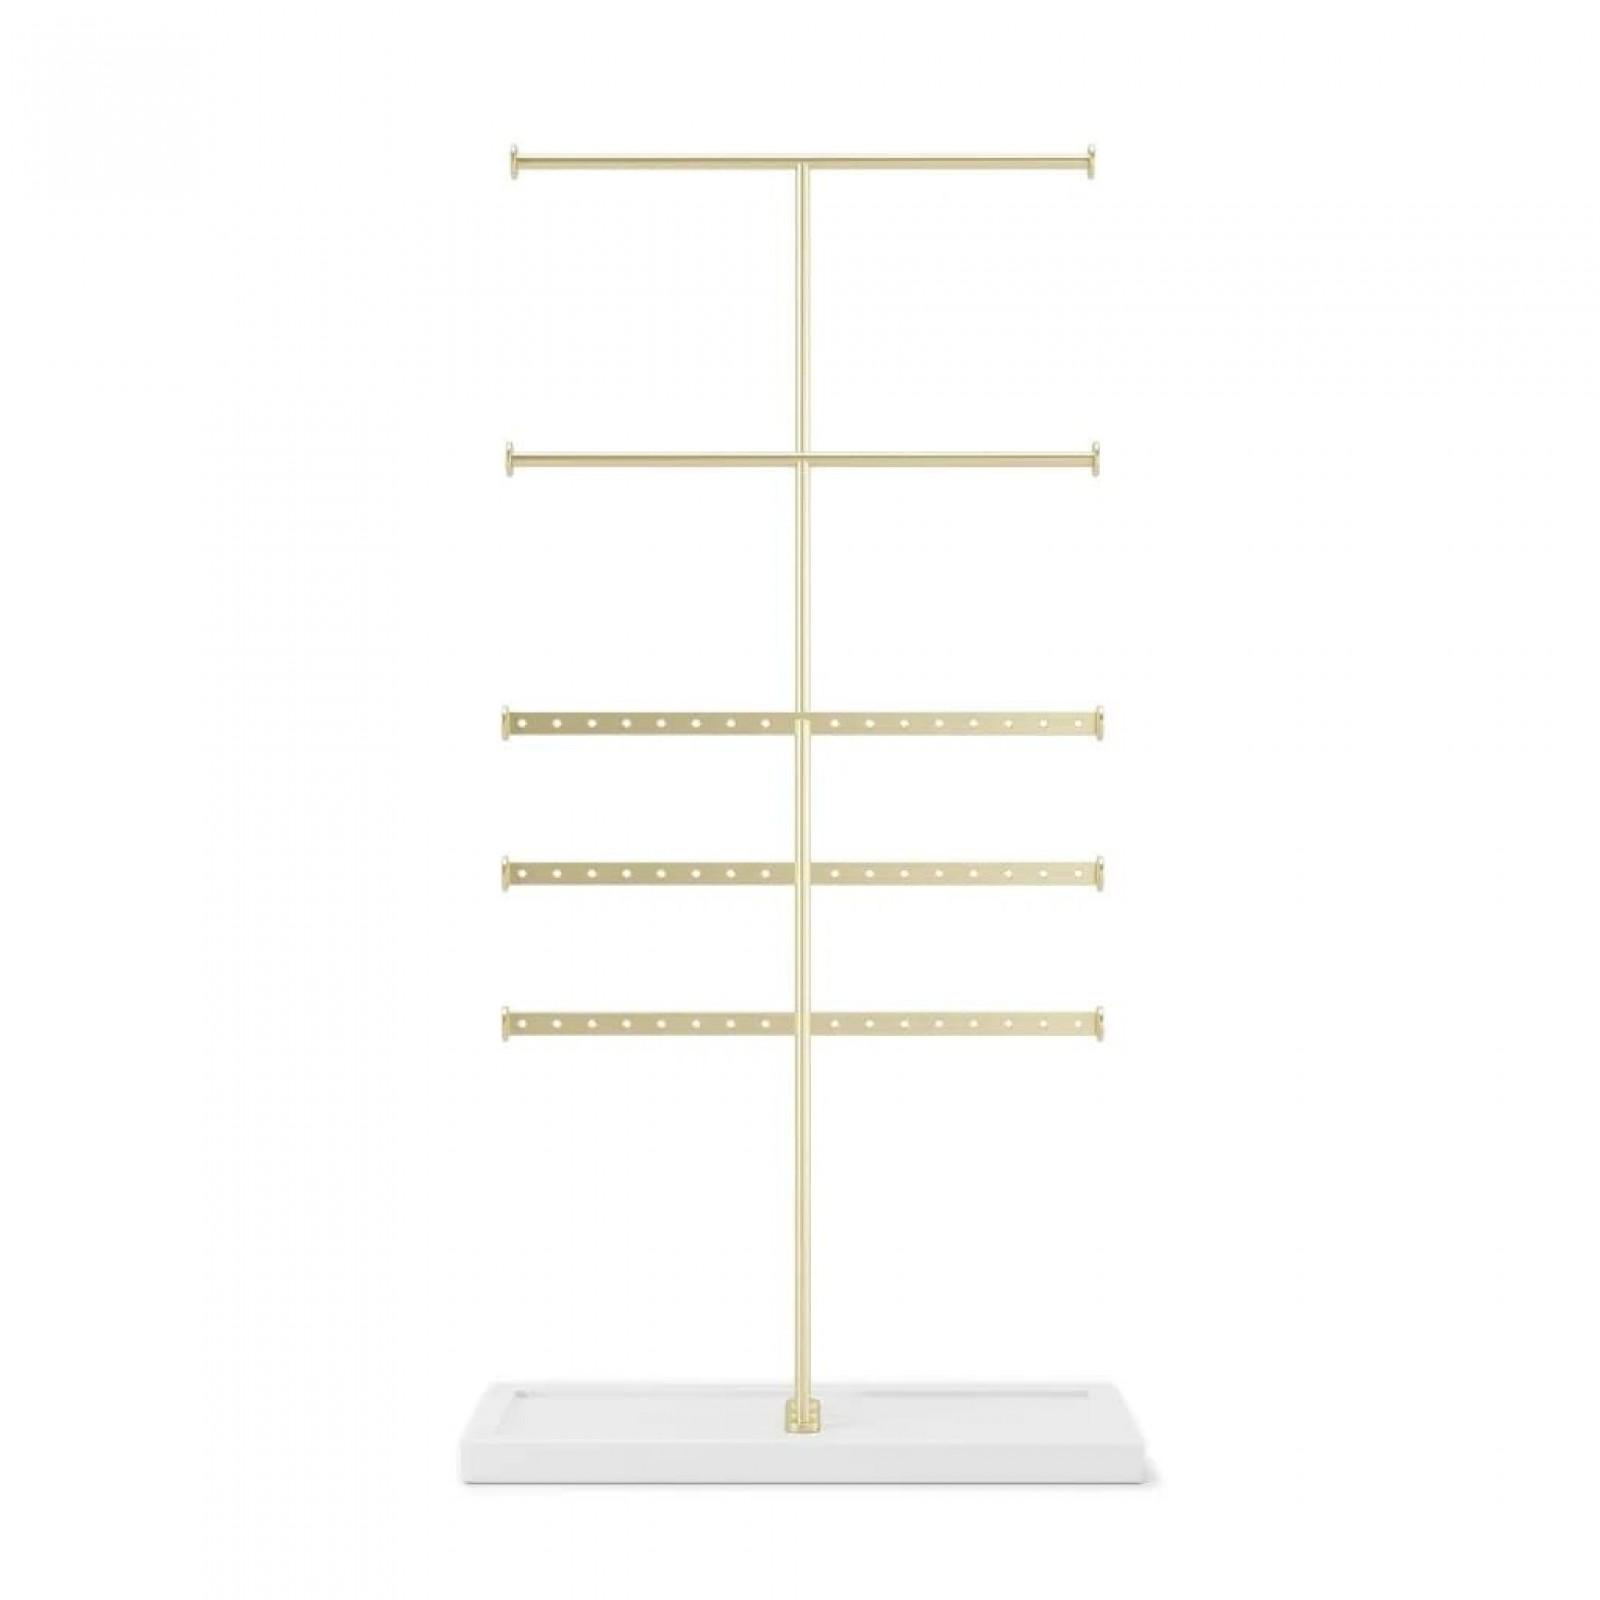 Σταντ Κοσμημάτων Trigem 5-Tier (Λευκό / Χρυσό) - Umbra